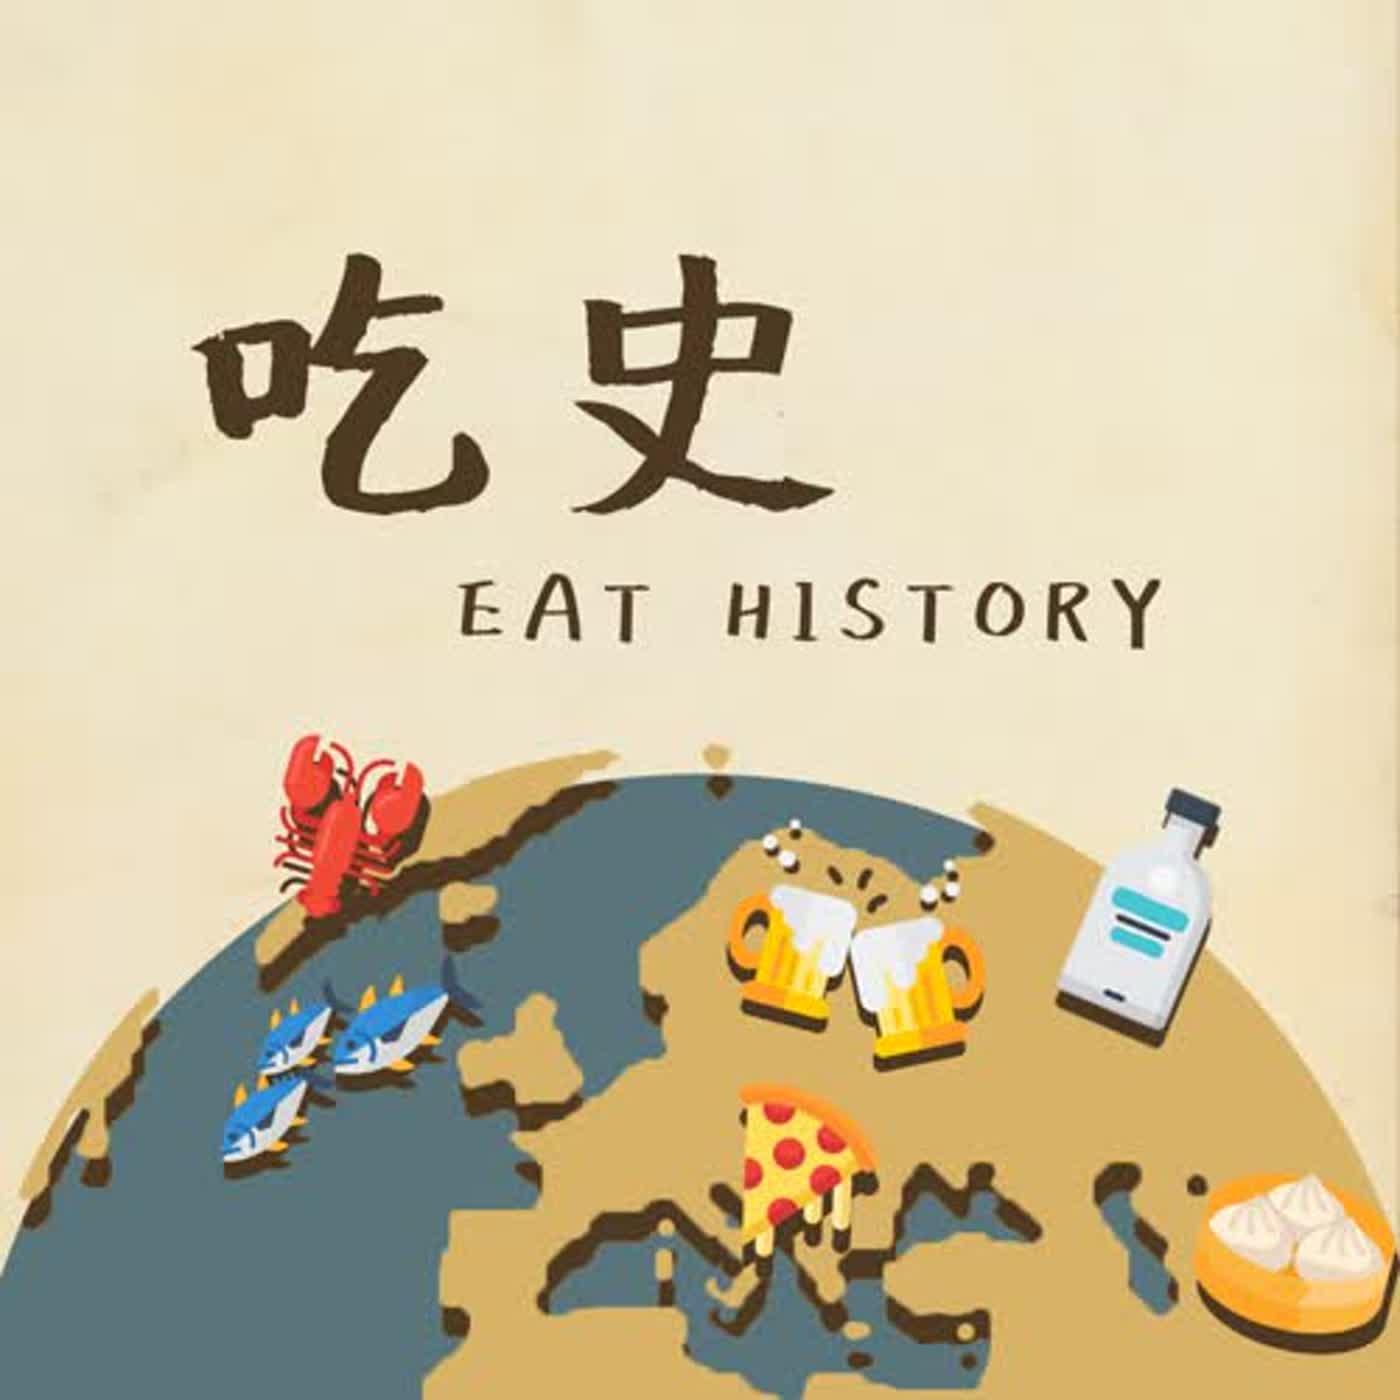 吃史EP30 幕後特輯 : 吃史的歷史